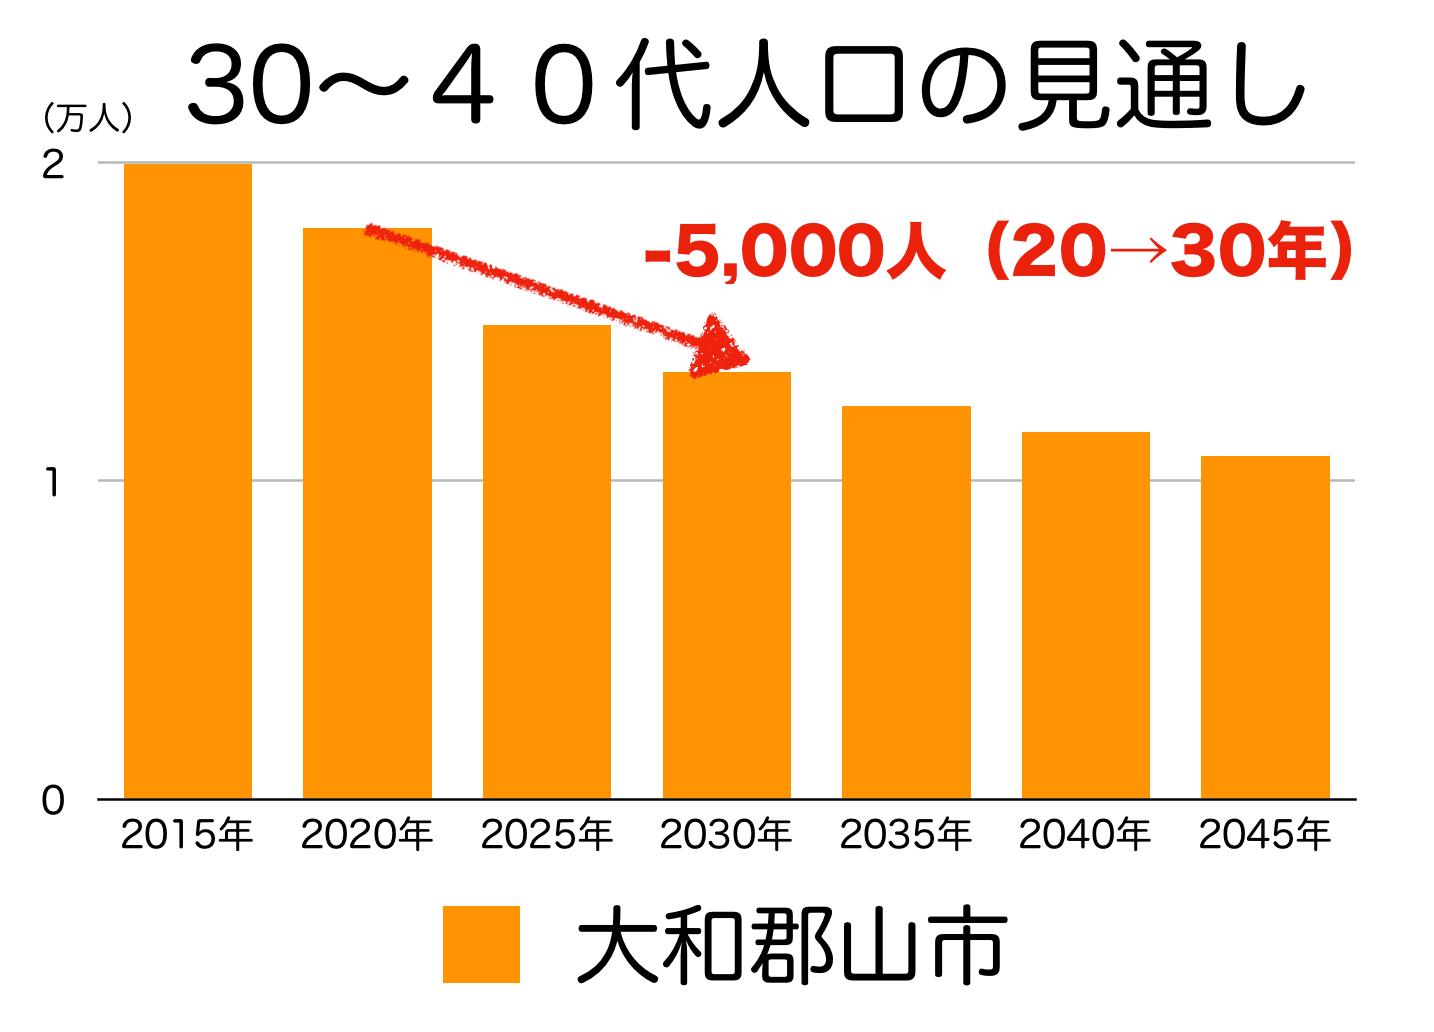 大和郡山市の30〜40代人口の予測